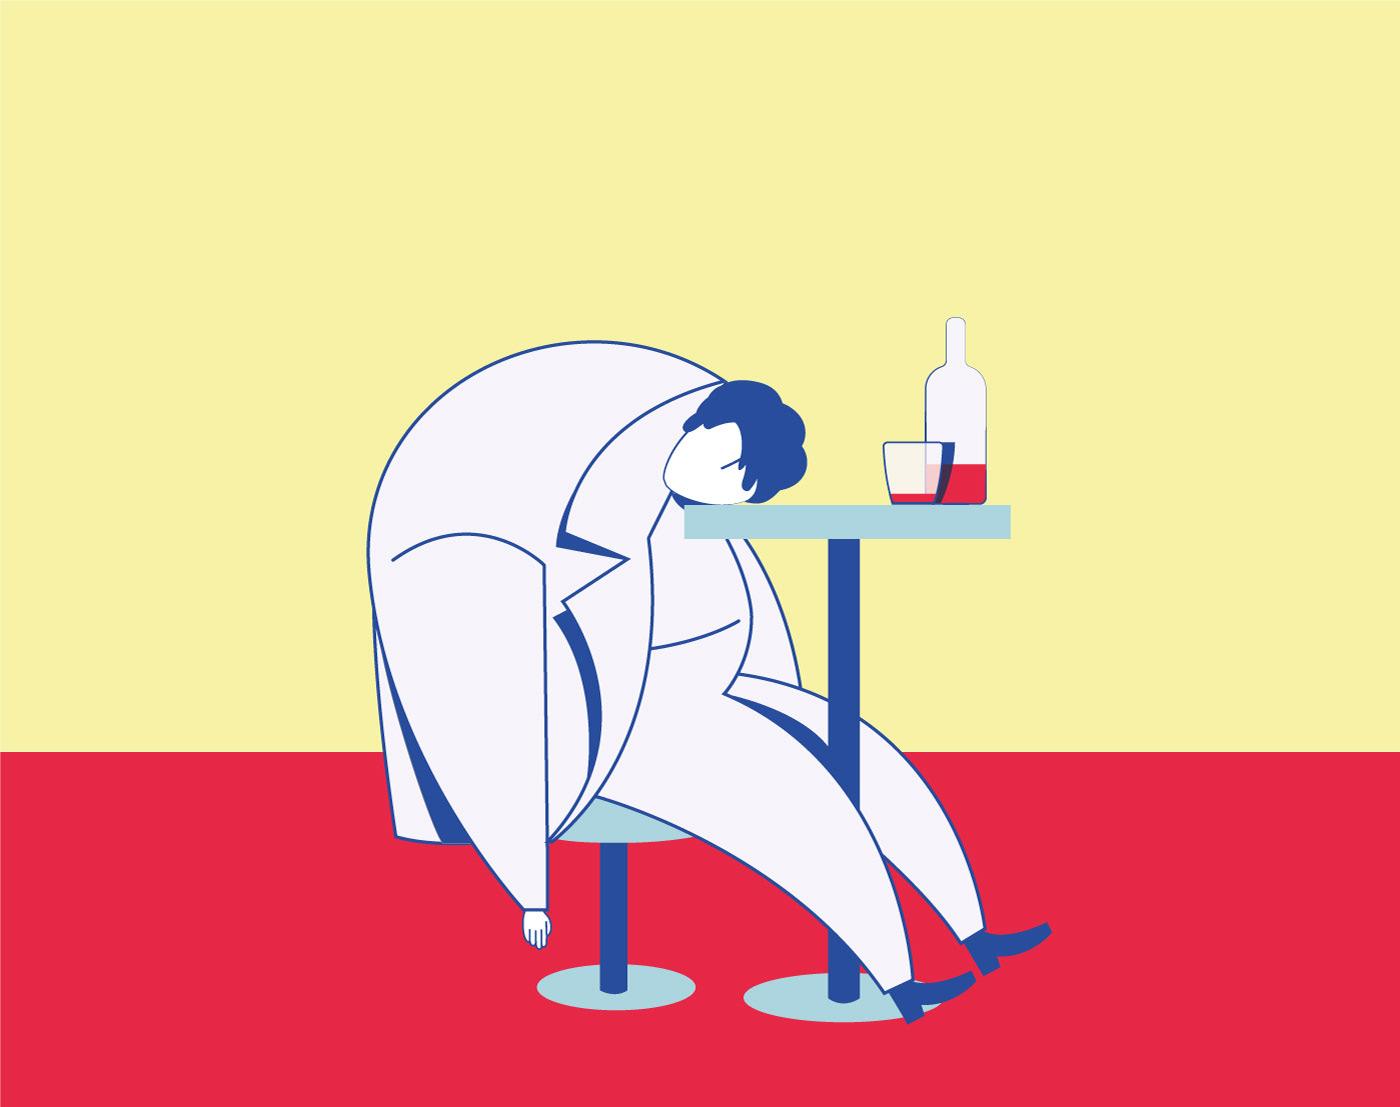 illustrazione graphoc design Fabrizio De Andrè